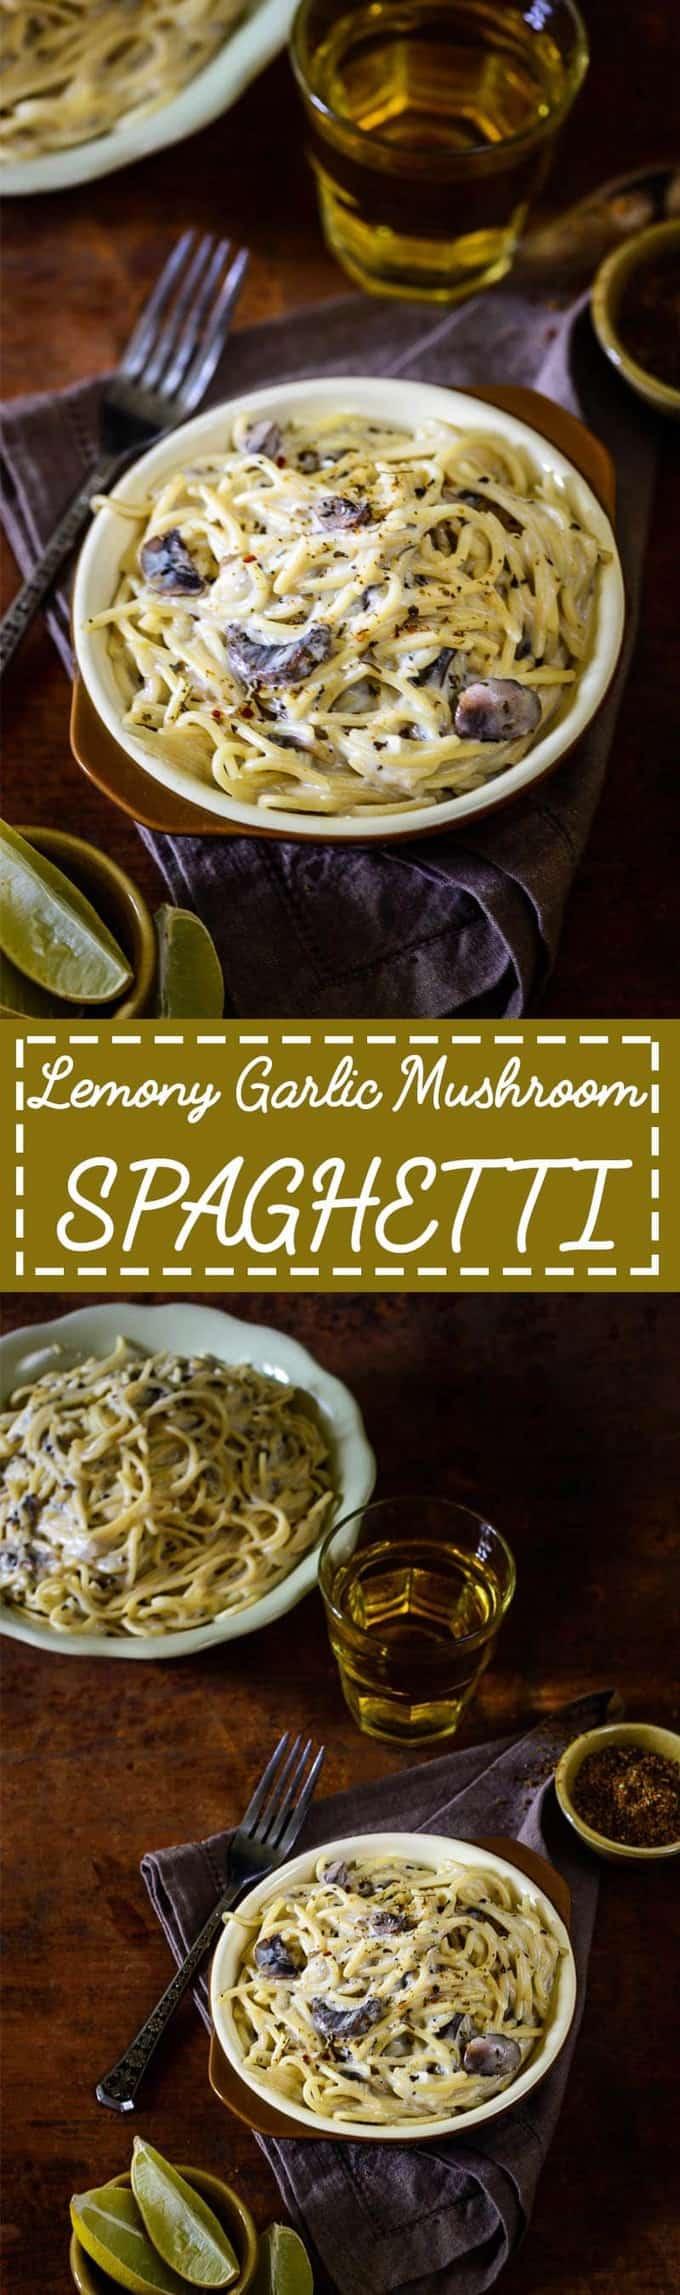 Lemony Garlic Mushroom Spaghetti